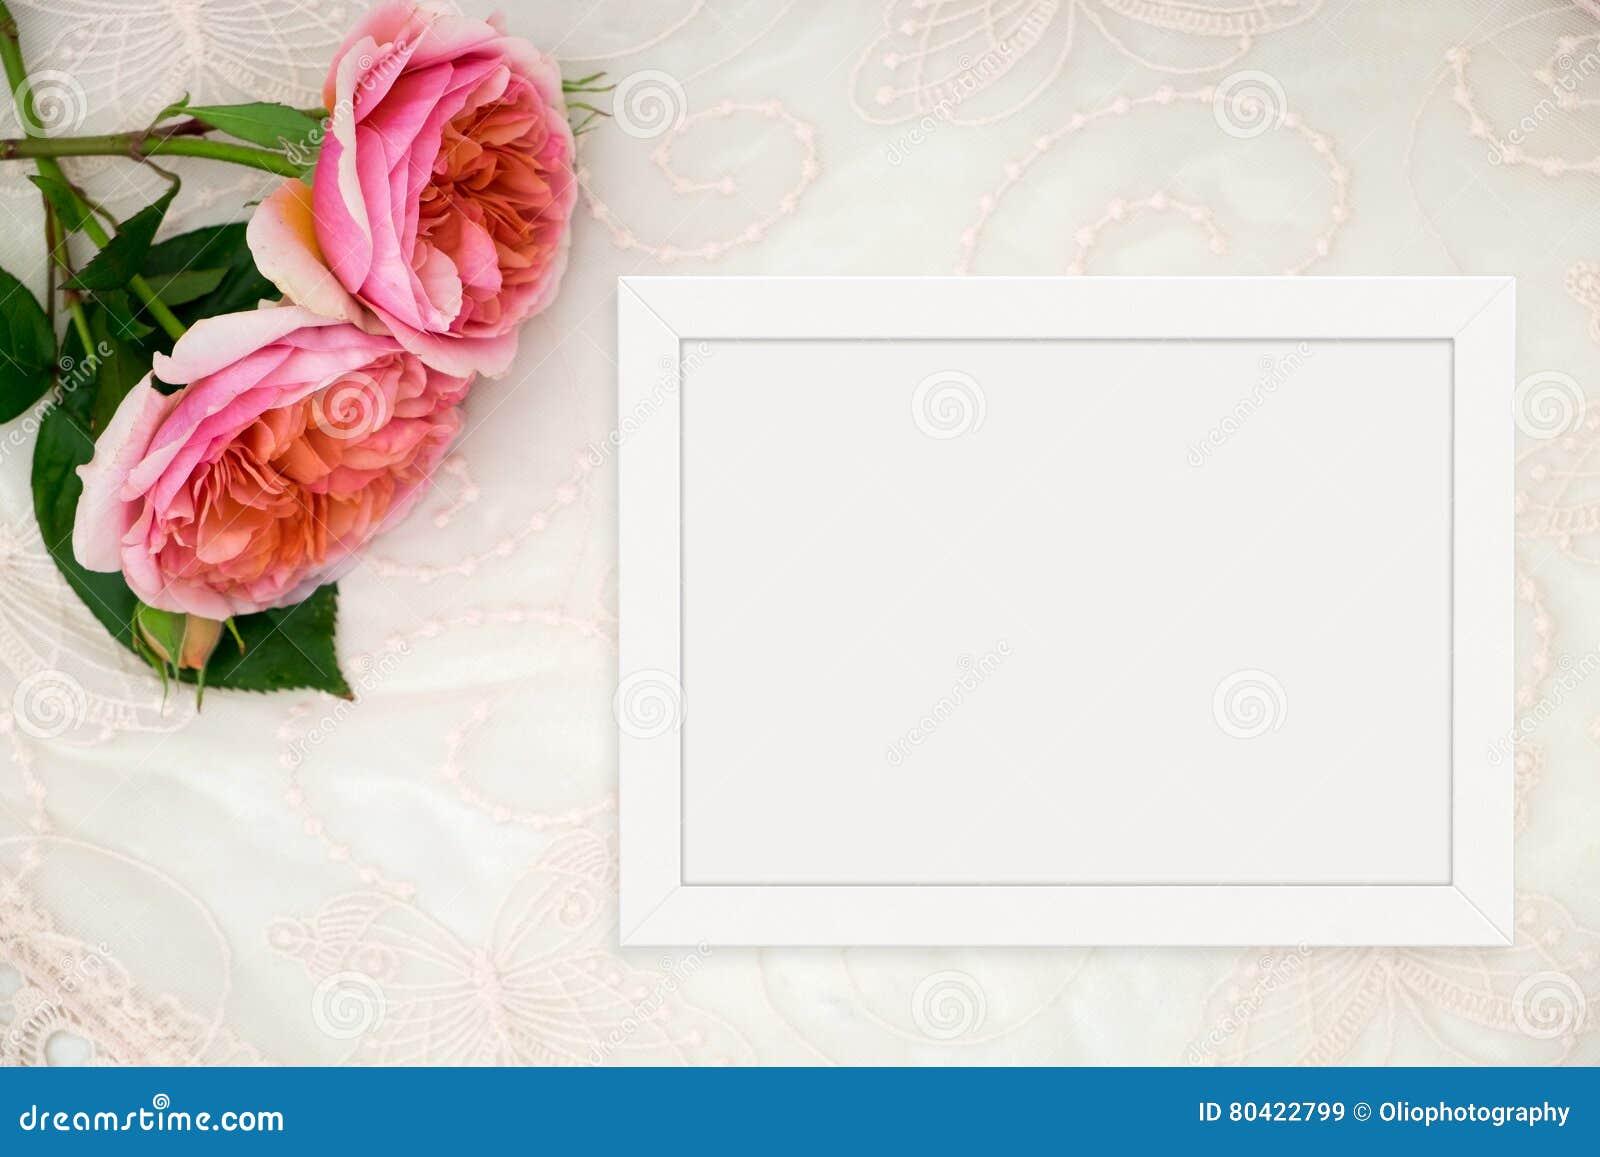 Blumenmodell Redete Fotografie Auf Lager Mit Weißem Rahmen An ...